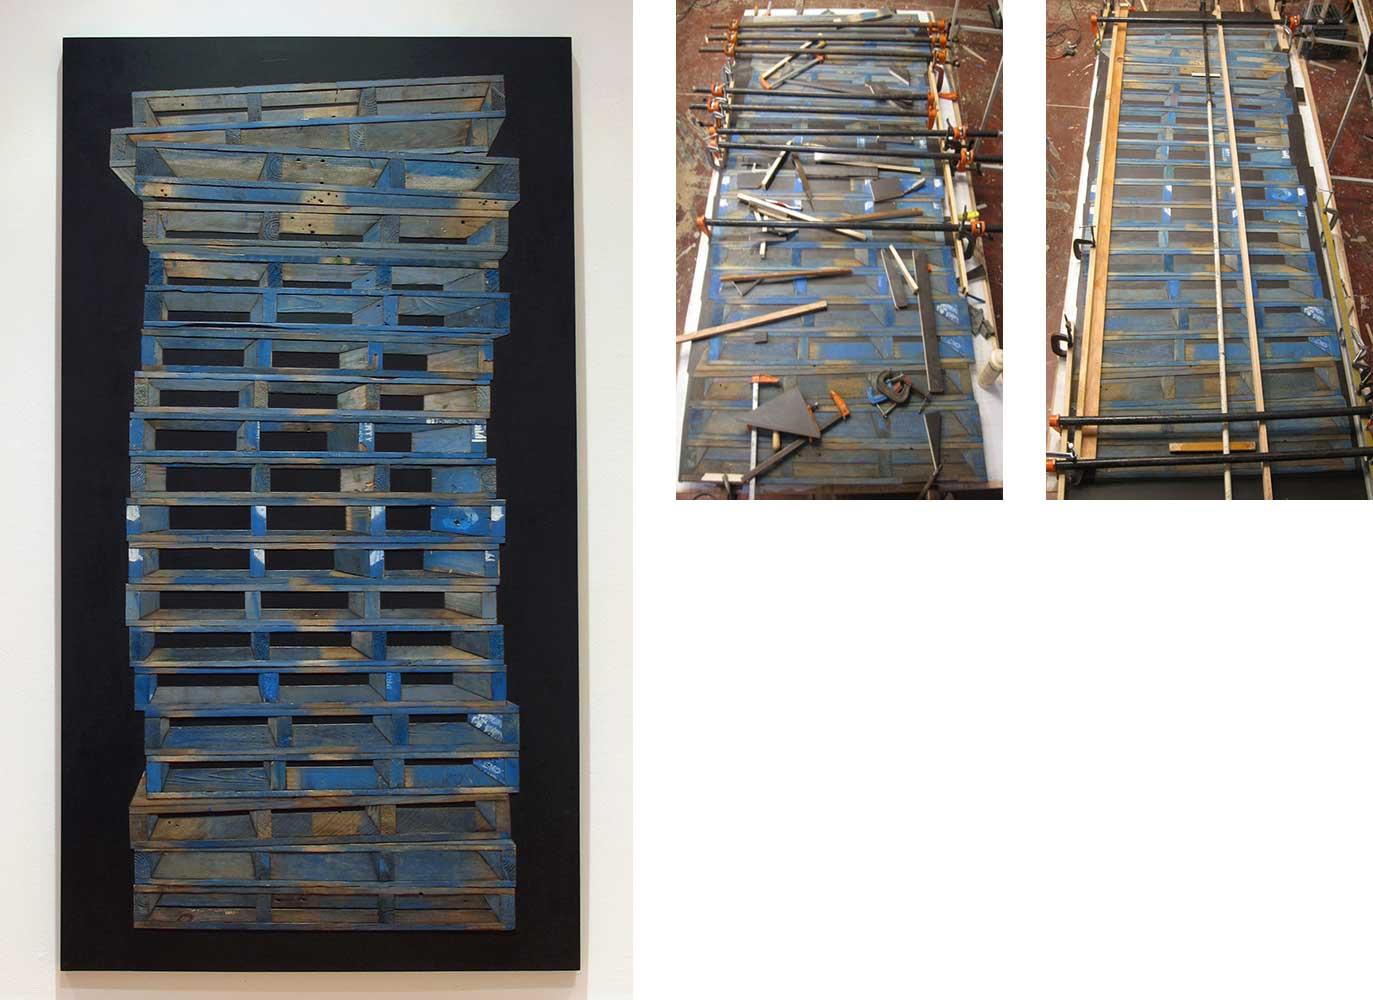 Blue Pallets, 2011